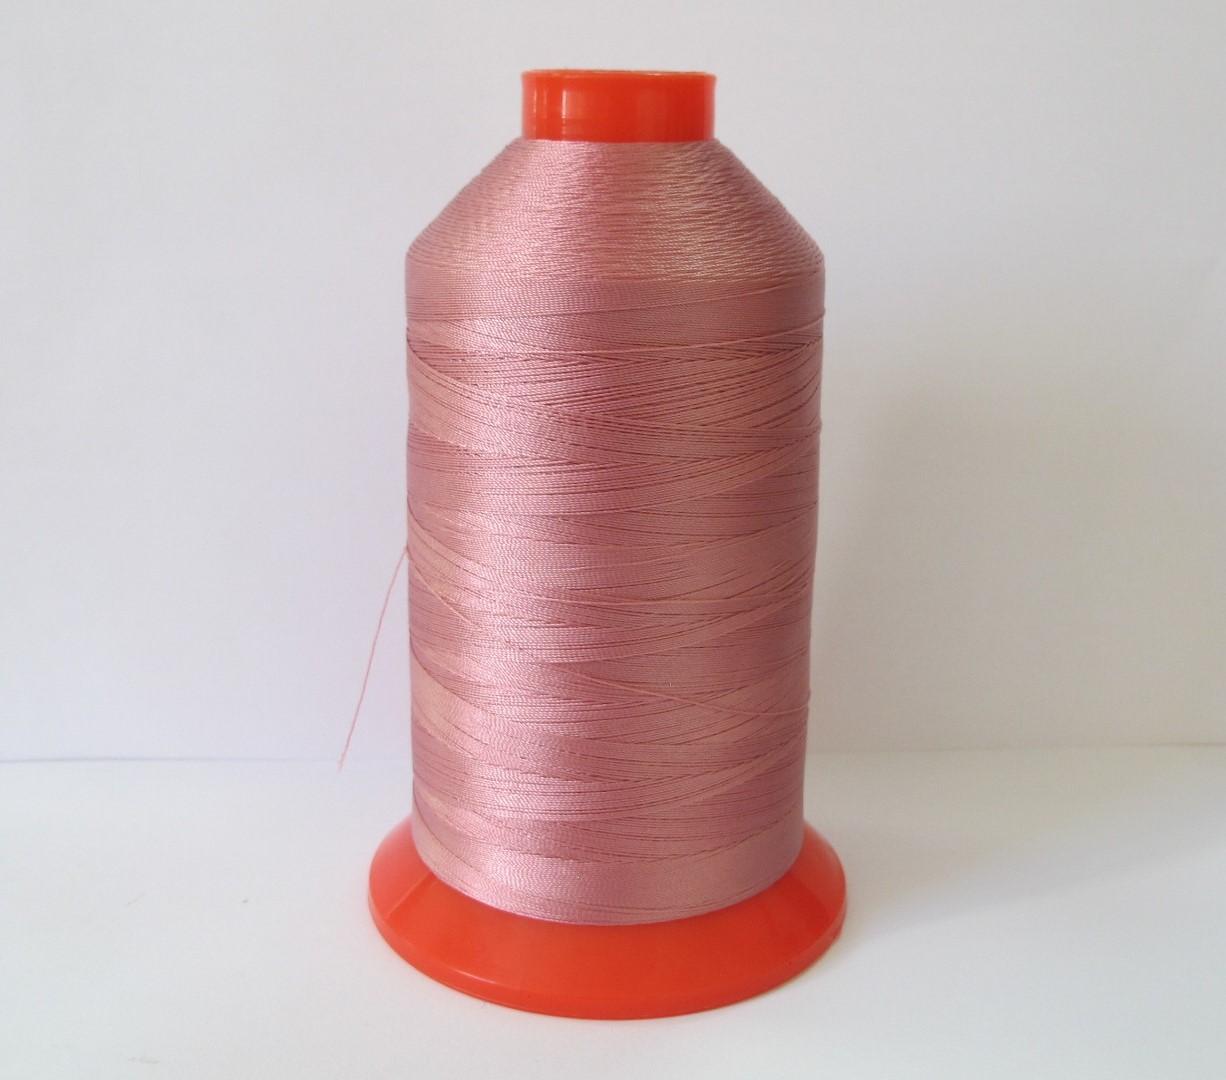 Нить 210 3 купить ткань бифлекс в москве